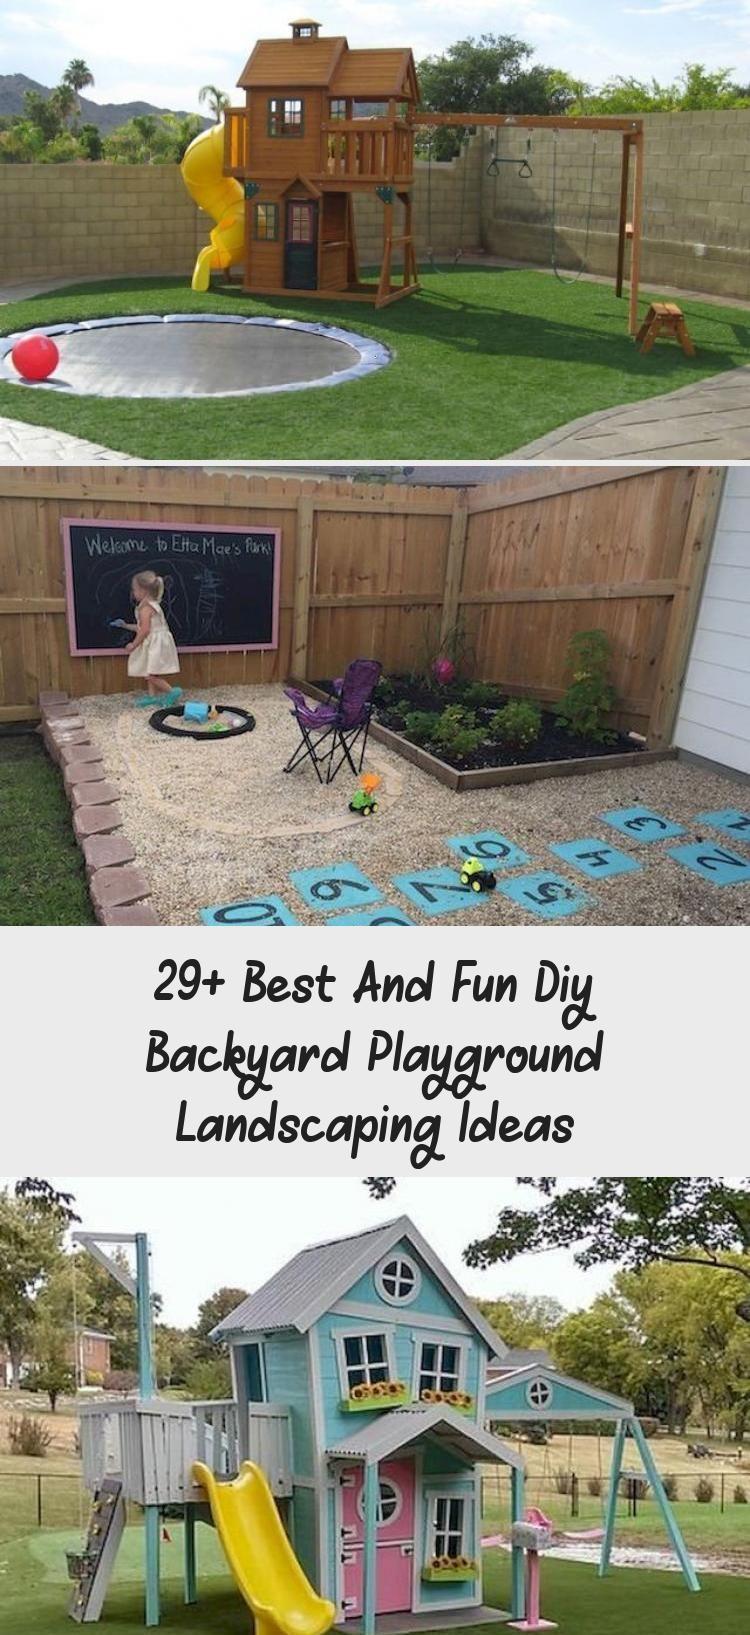 23+ Backyard ideas for older kids info